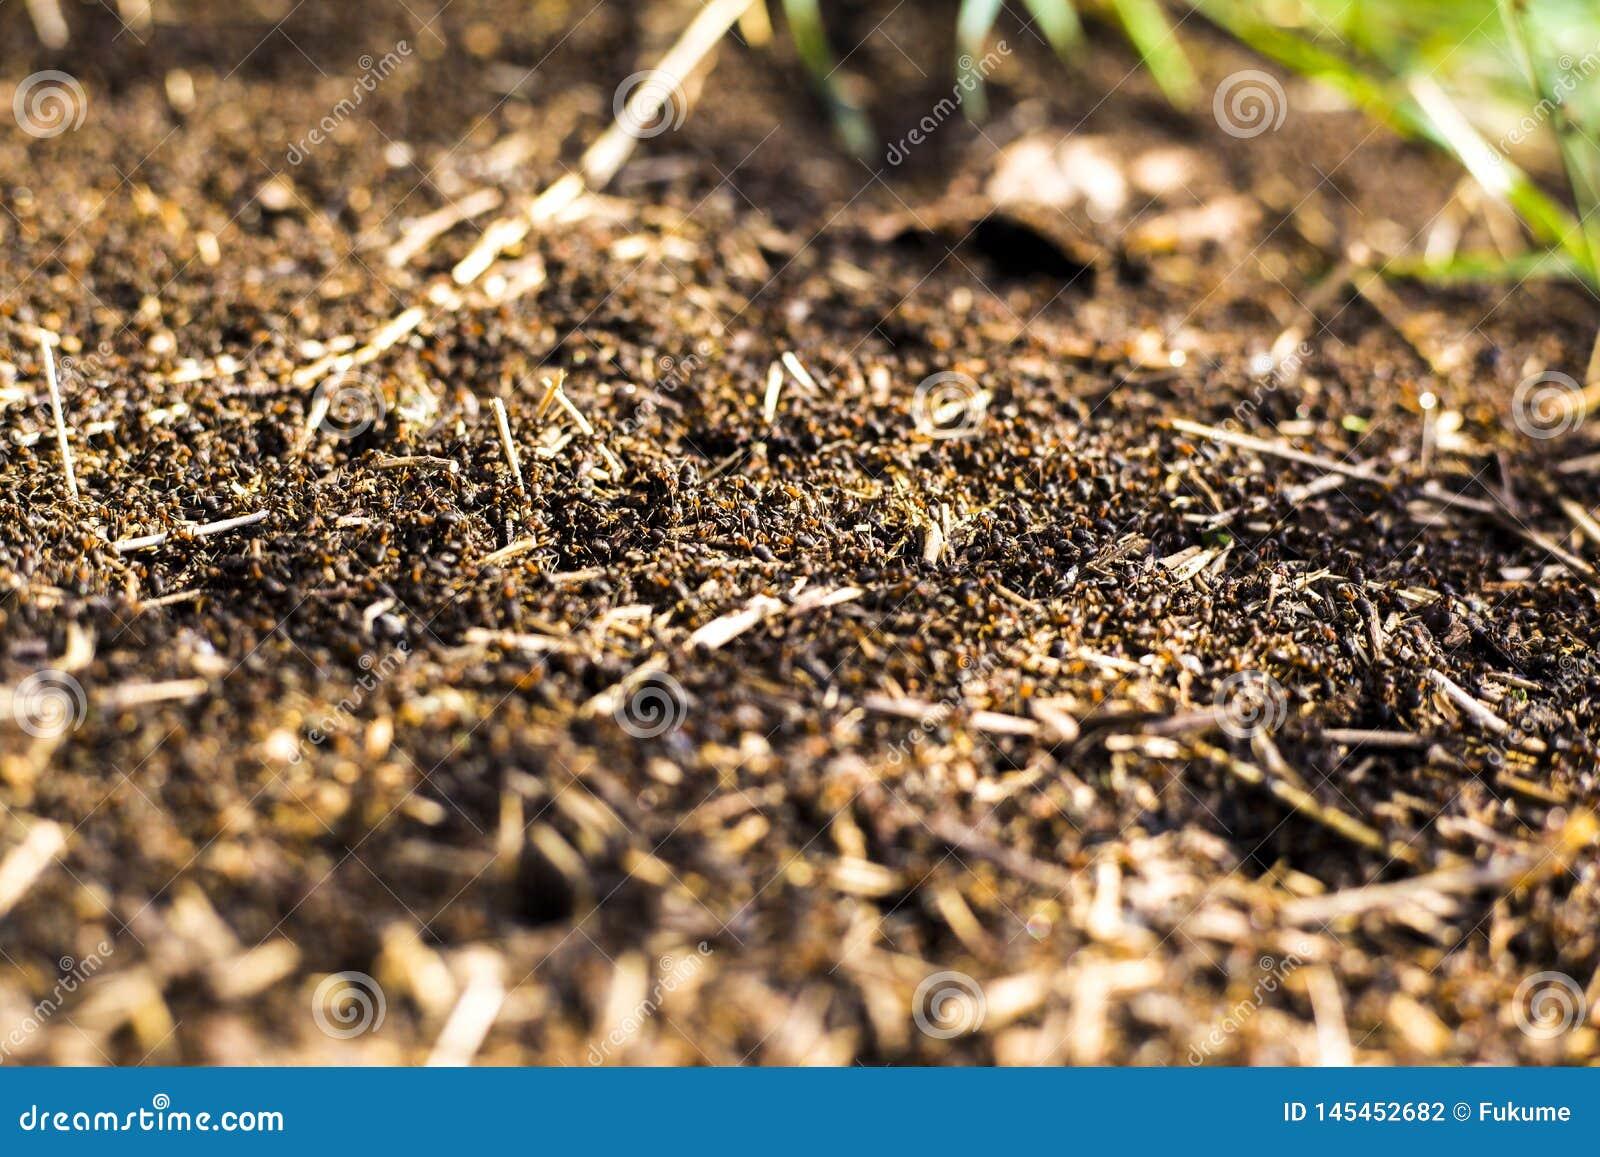 Een grote hoop van termieten, termieten eet rotte bomen